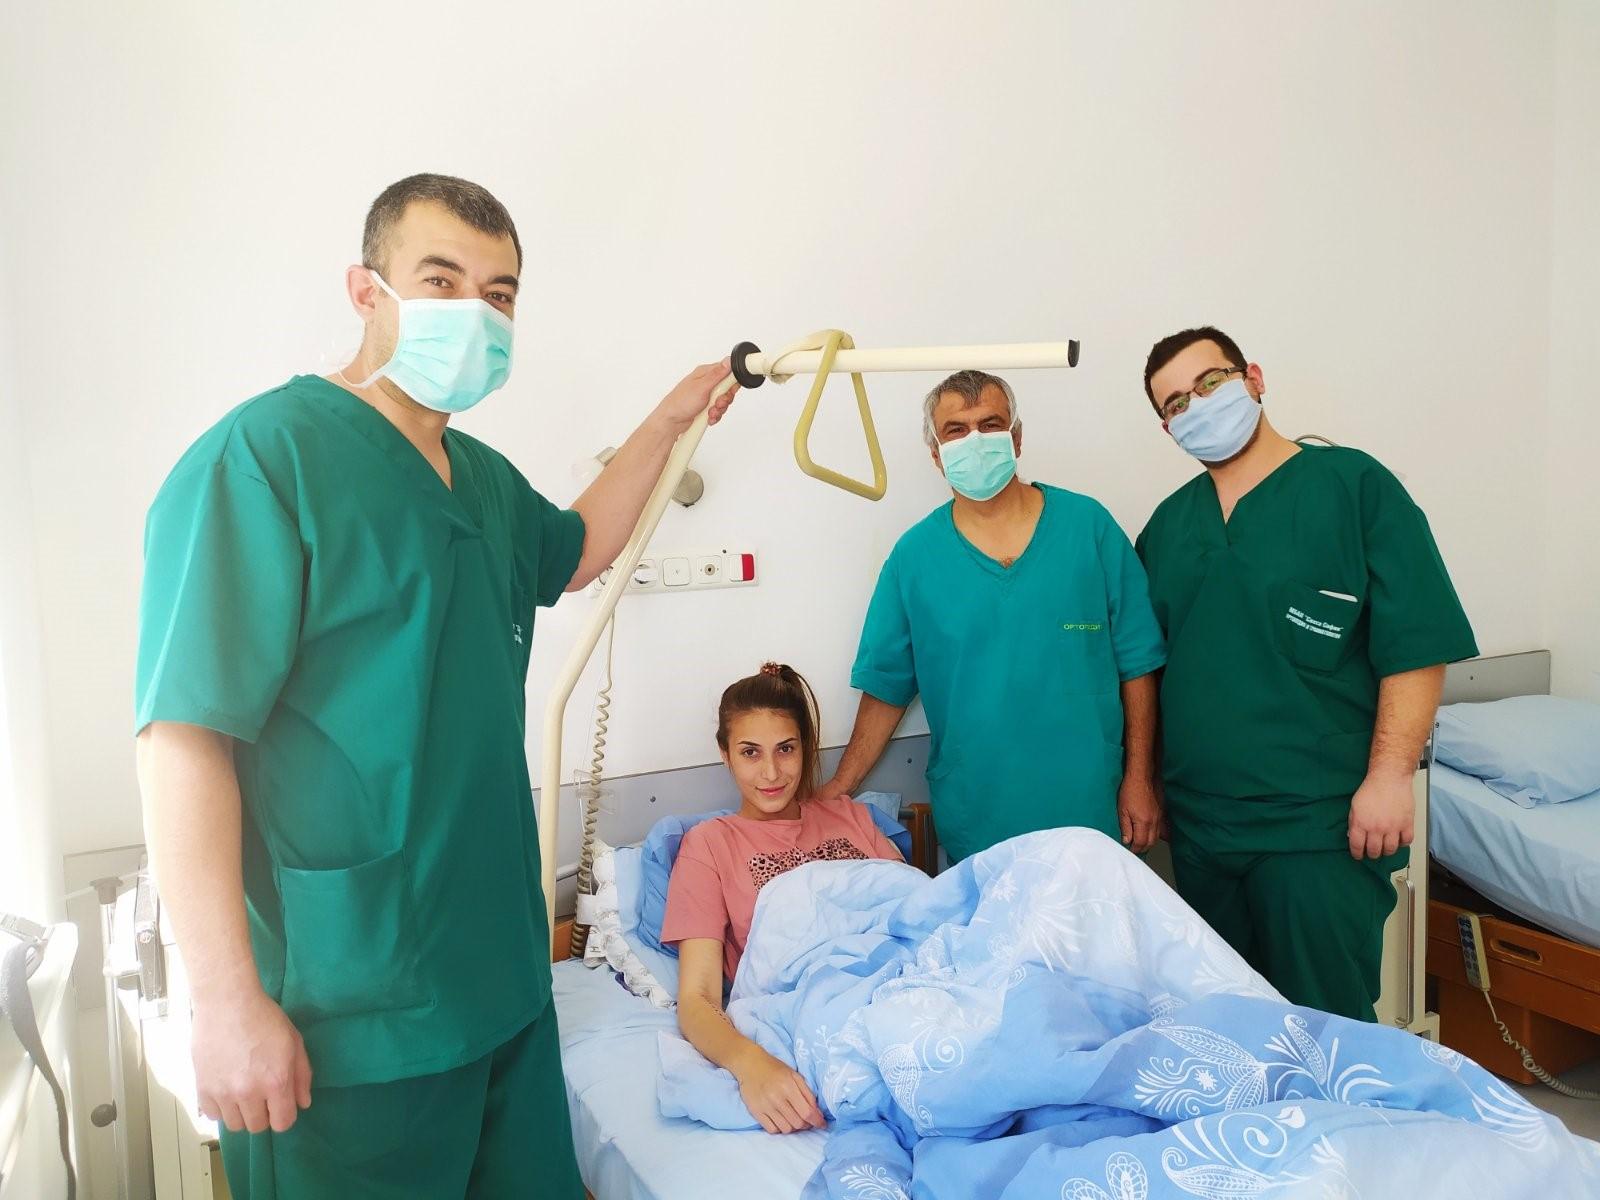 Модерно микрохирургично стабилизиране на фрактури за бързо възстановяване